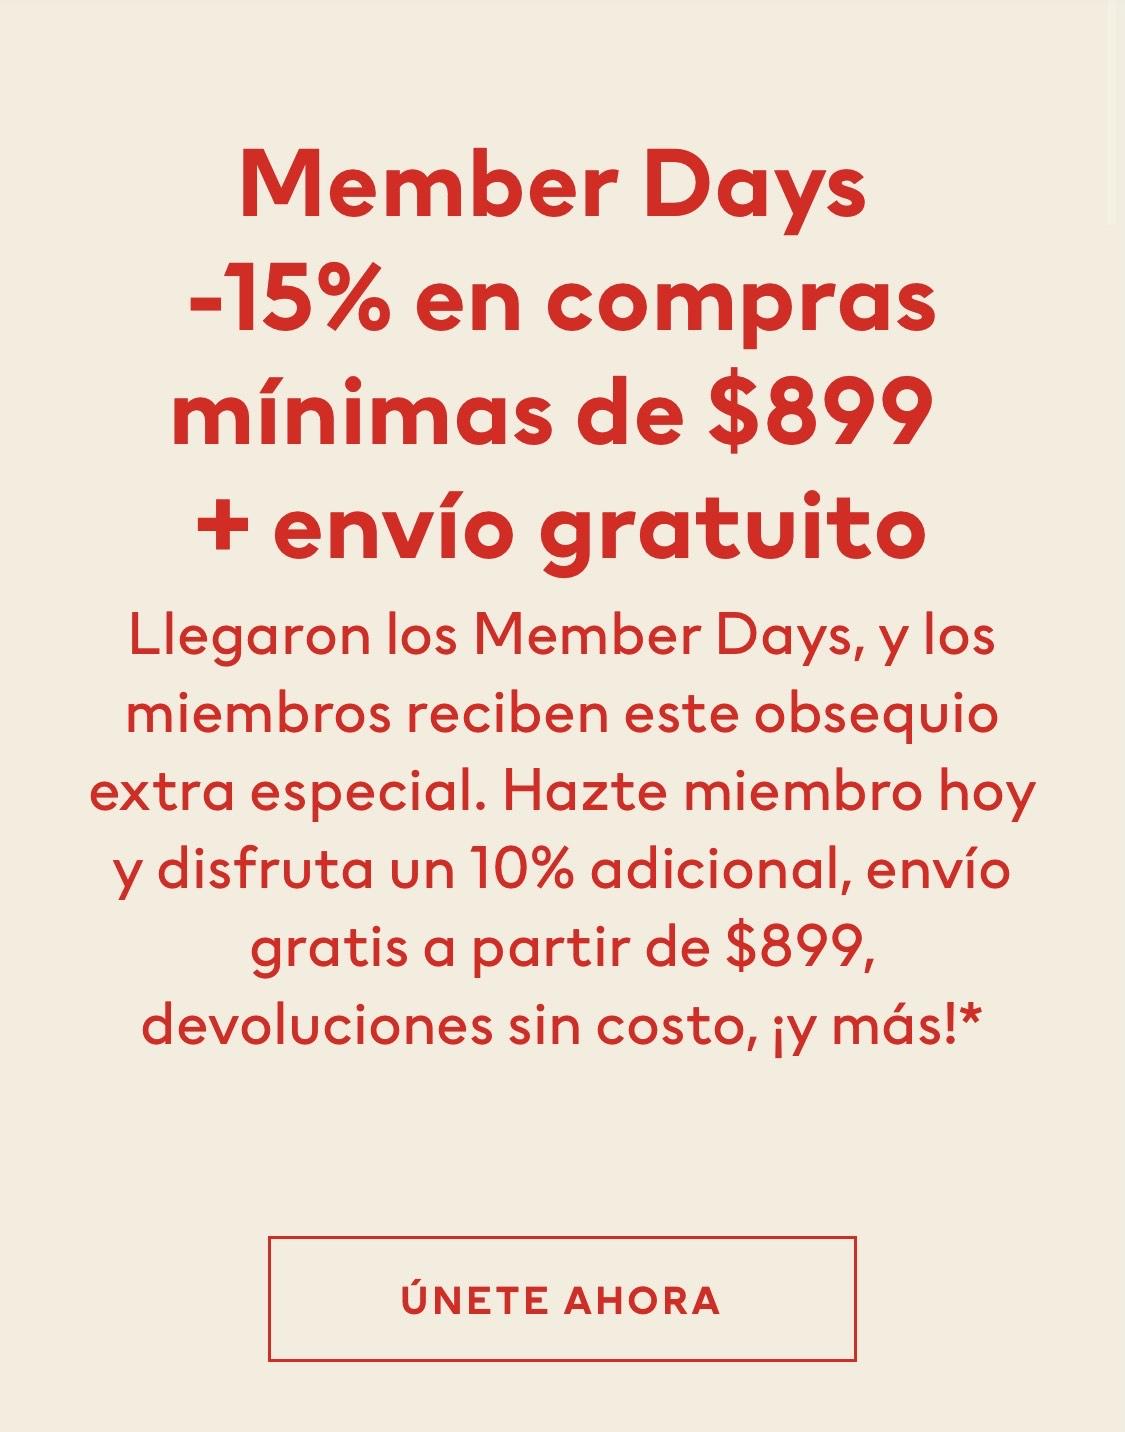 H&M: 15% + 10% de descuento para miembros en compra mínima de 899